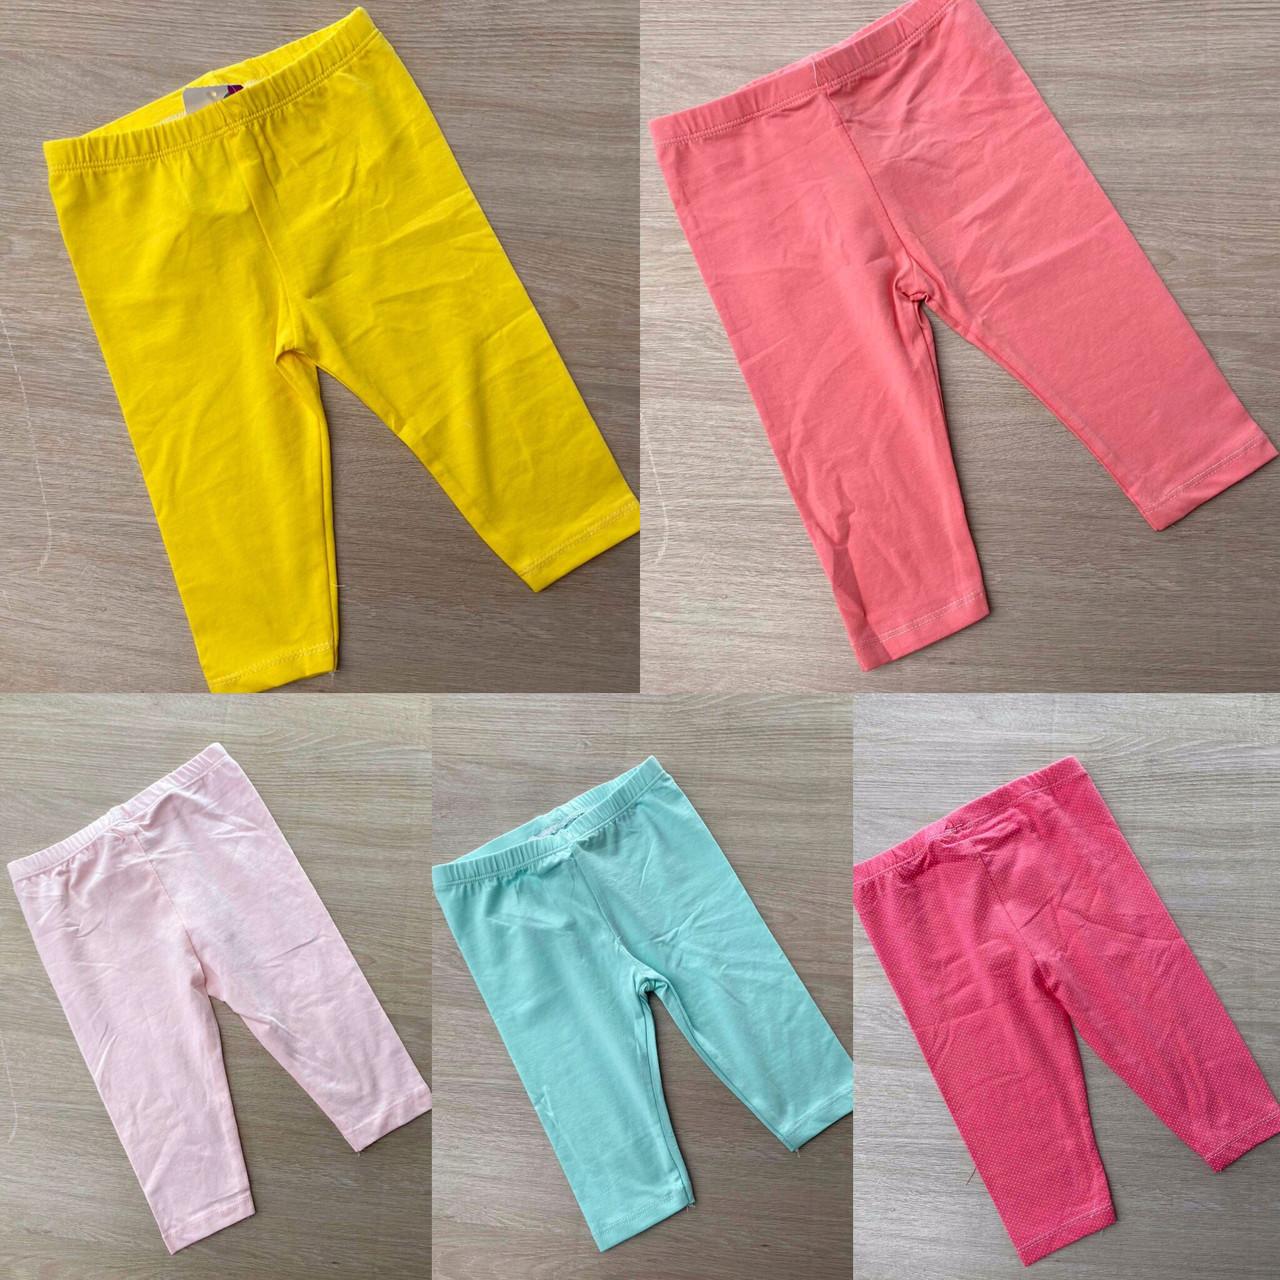 Дитячі бриджі, шорти, лосини 6-9-12 міс